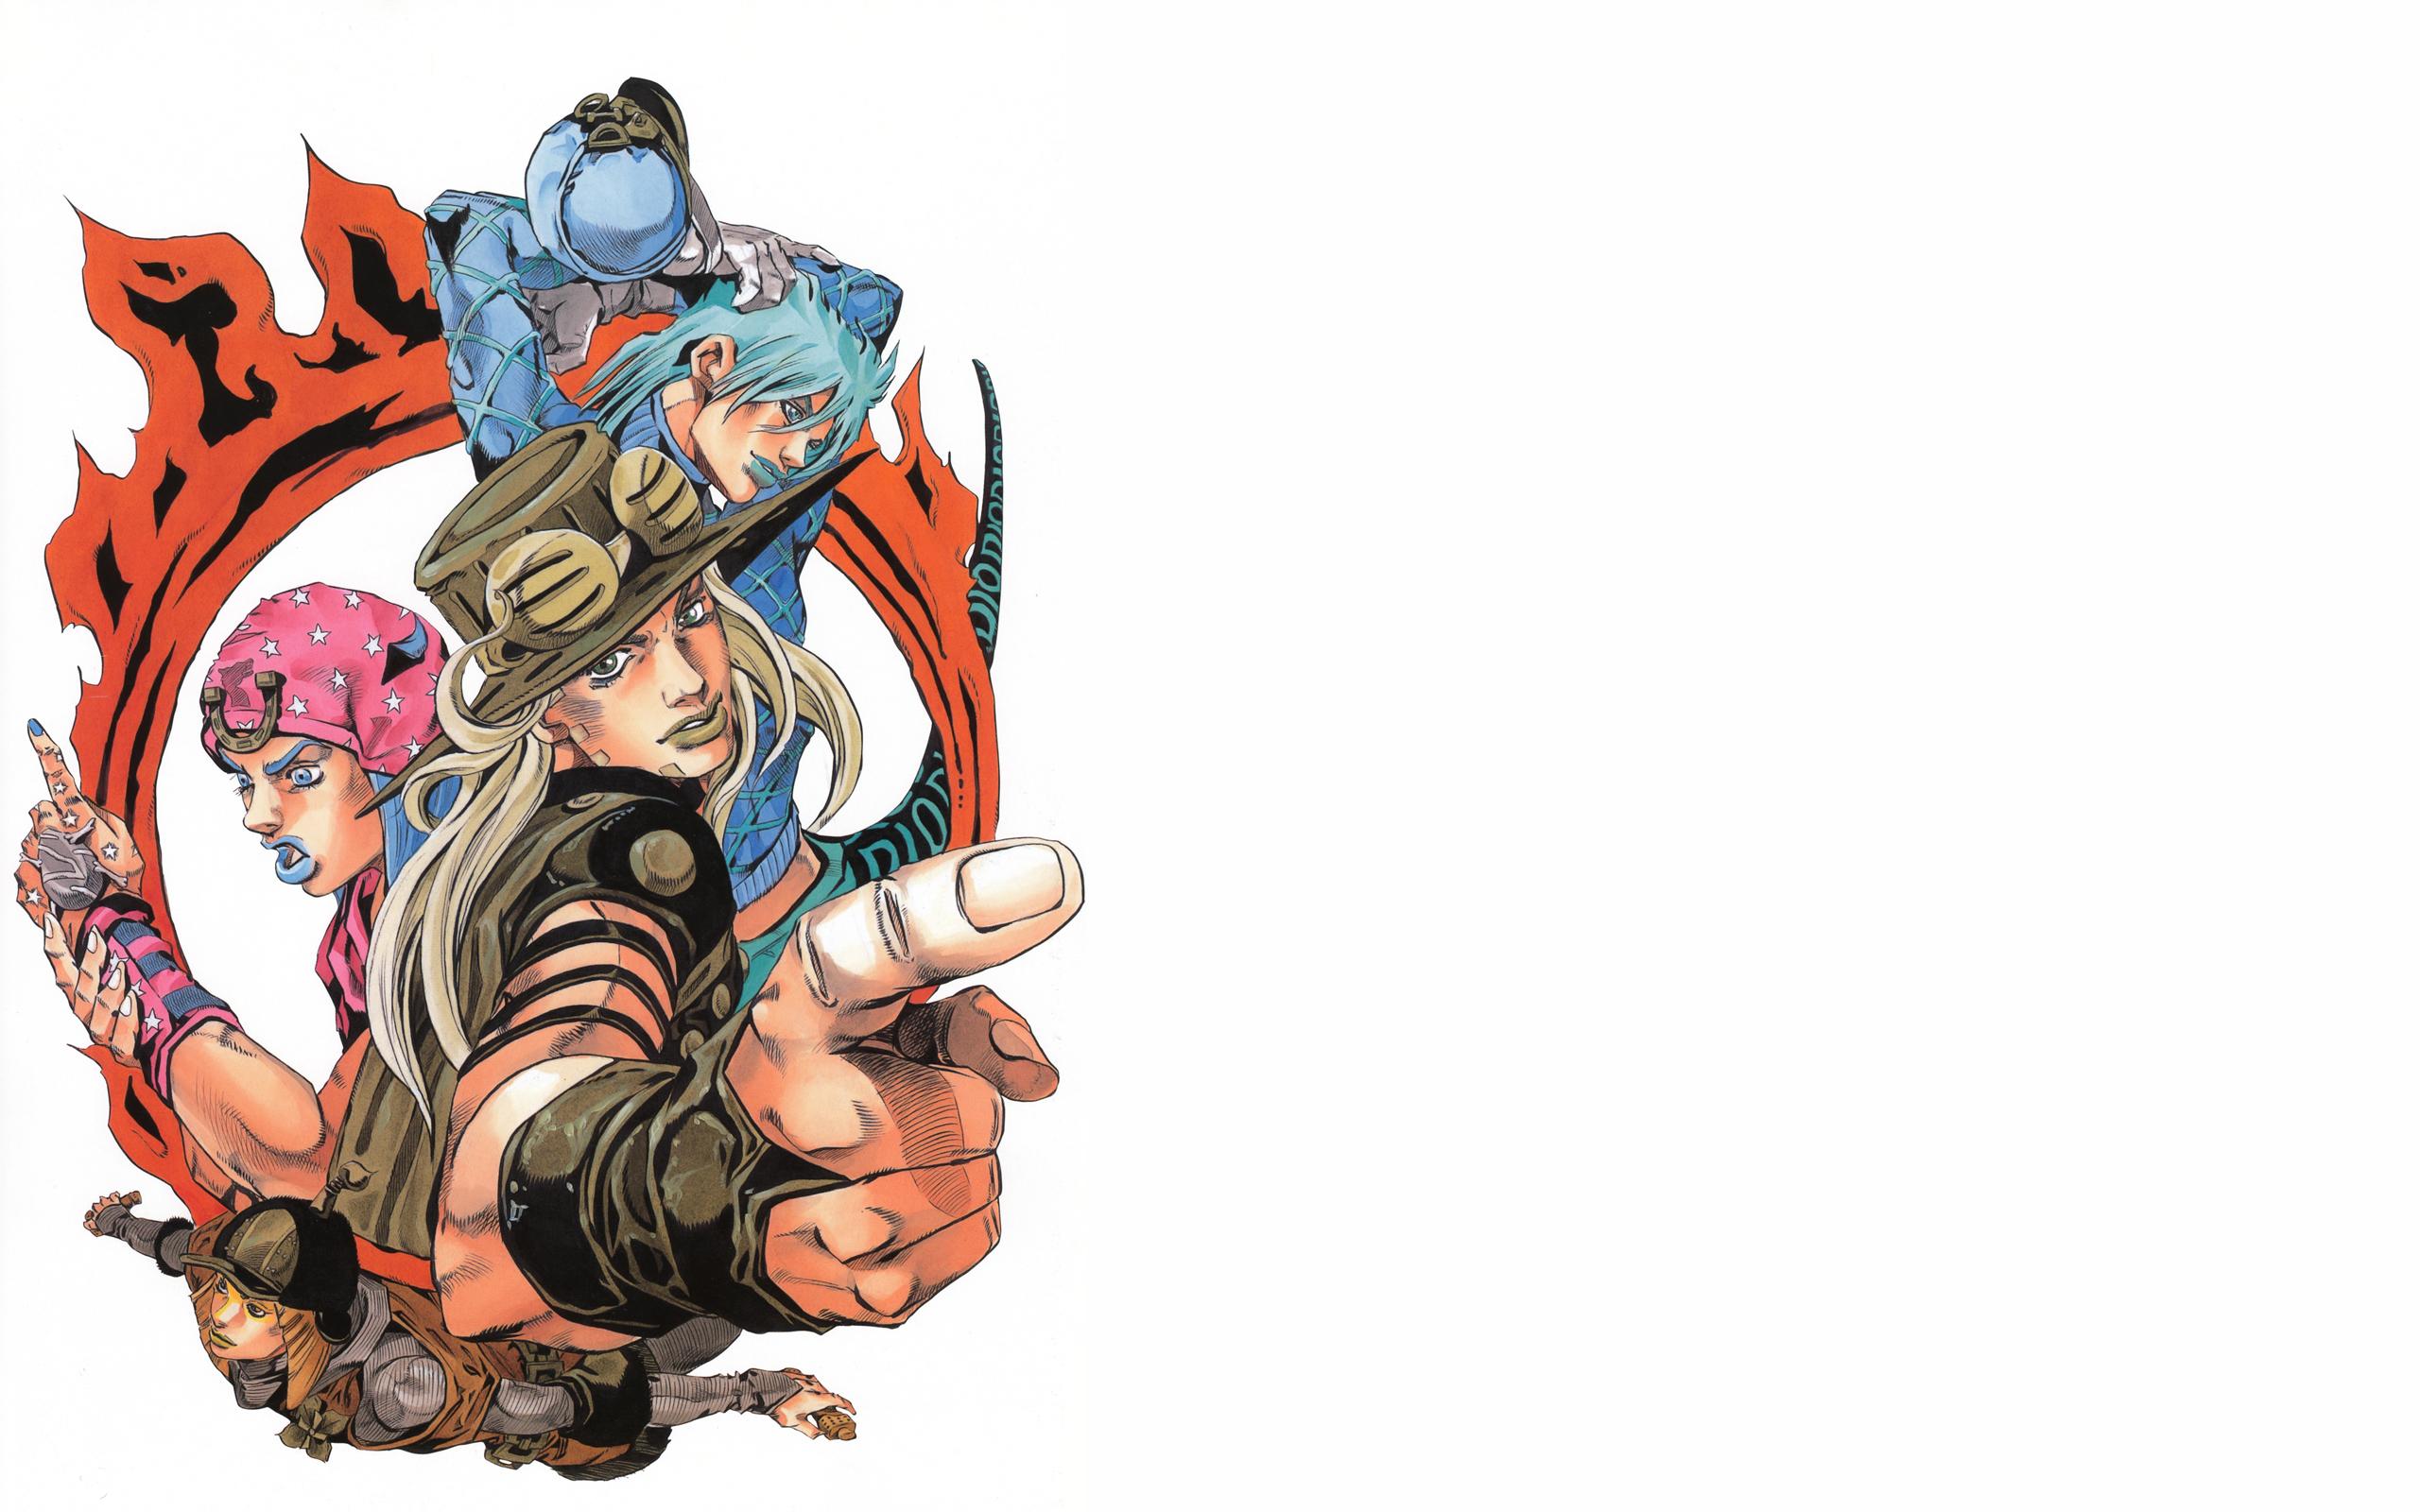 デスクトップ壁紙 ジョジョの奇妙な冒険 アニメ マンガ スチール